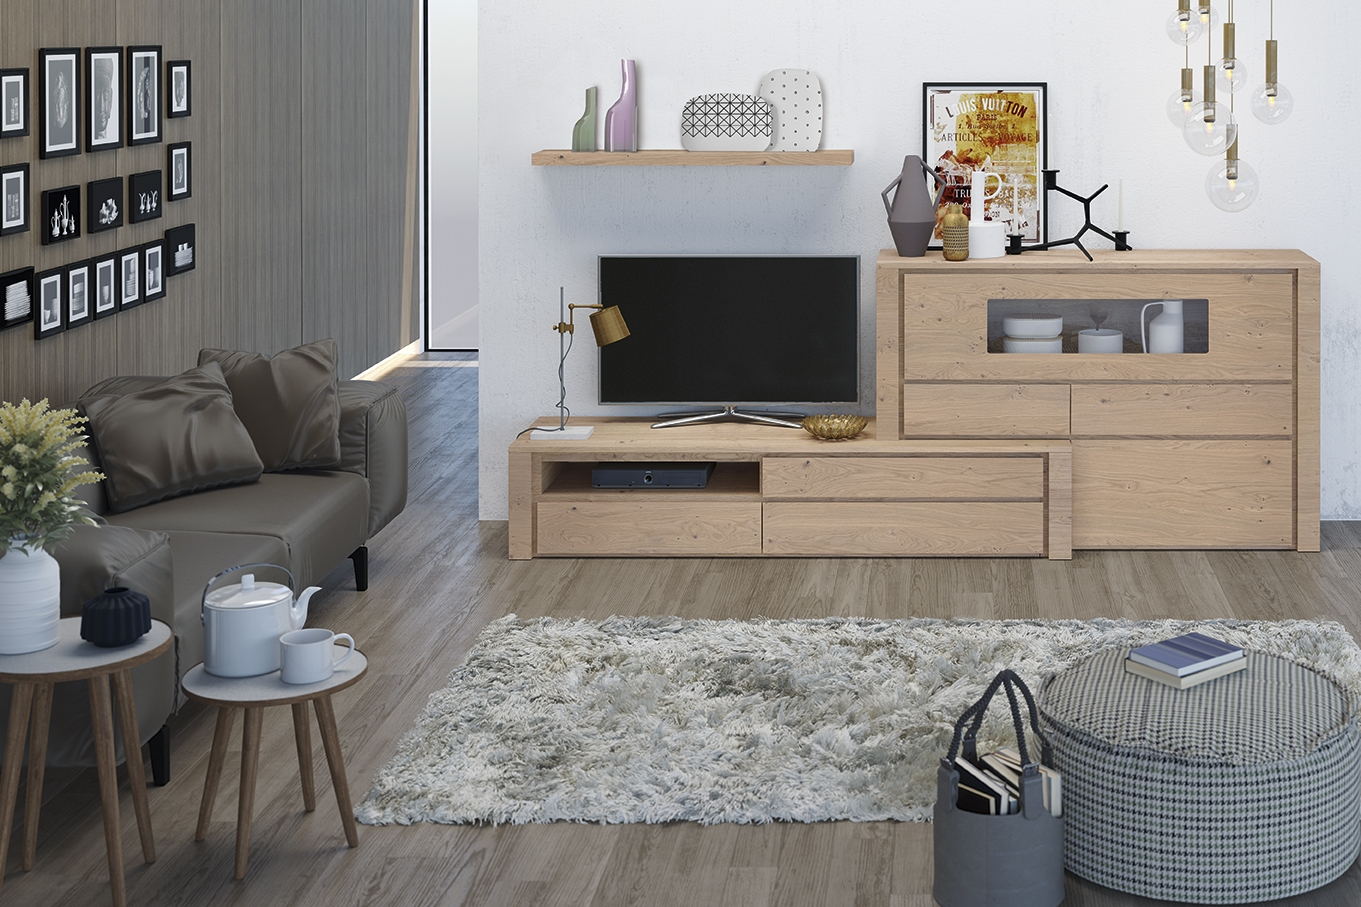 Dise o y artesan a en los muebles de tv garc a sabat - Diseno de salones modernos ...